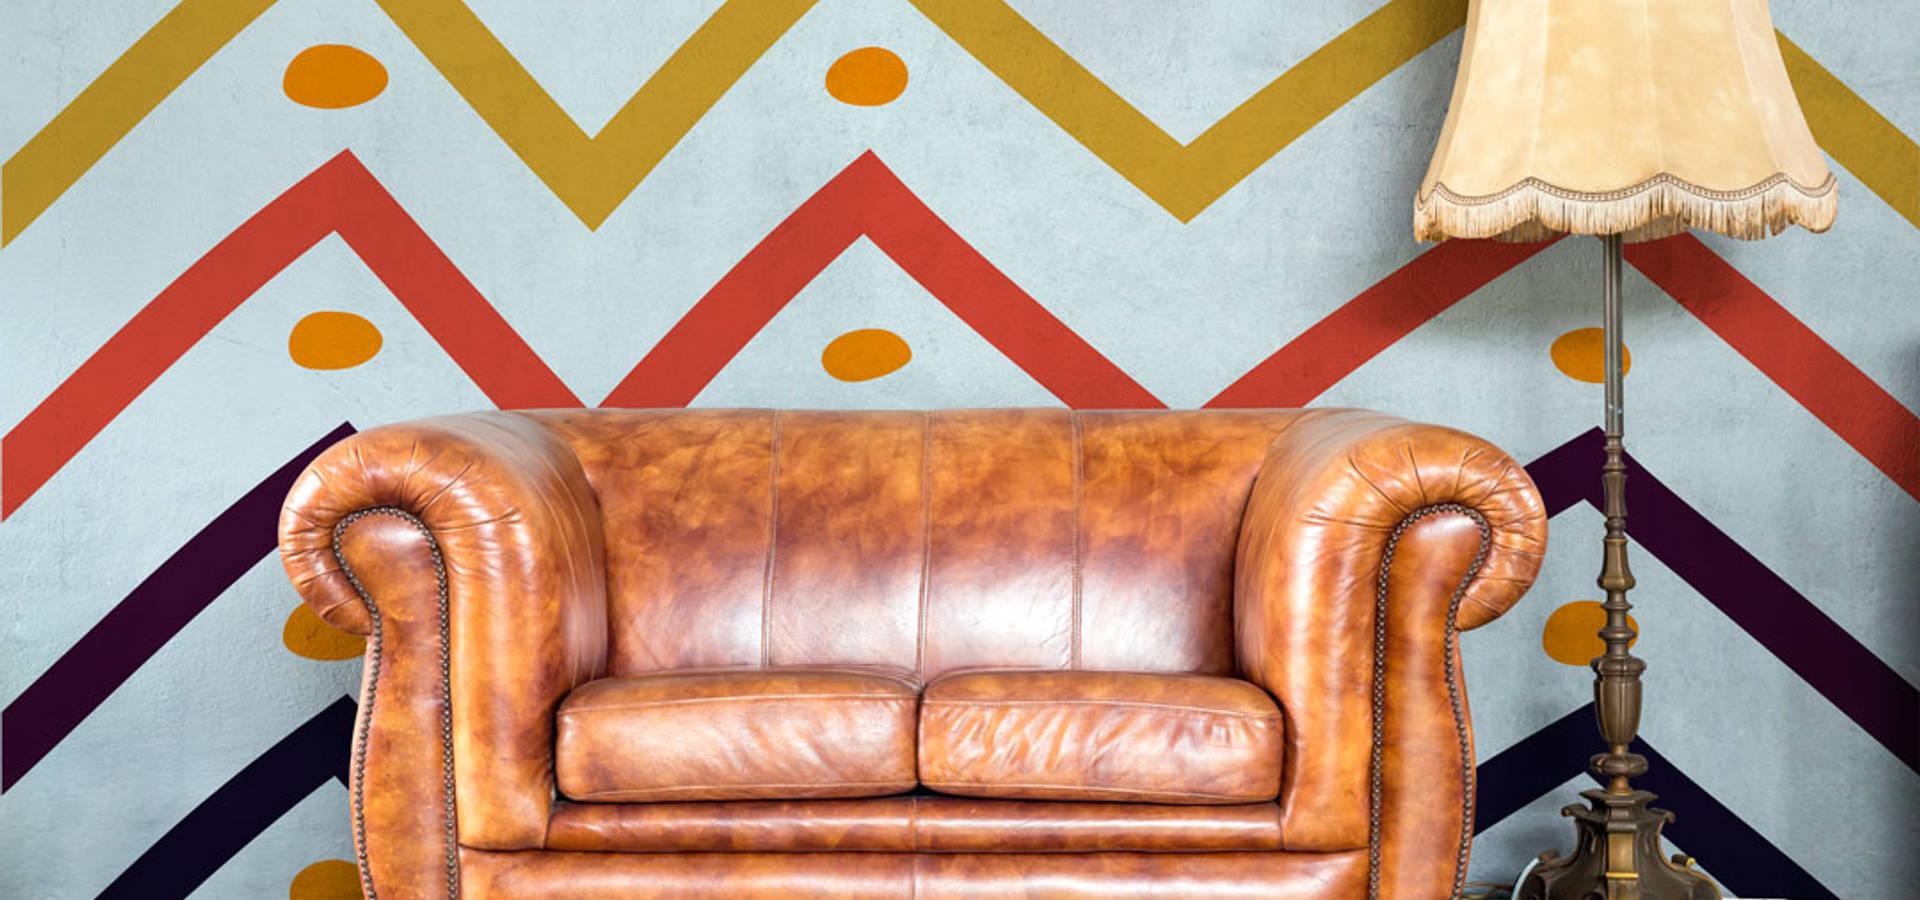 Luis Quesada Design